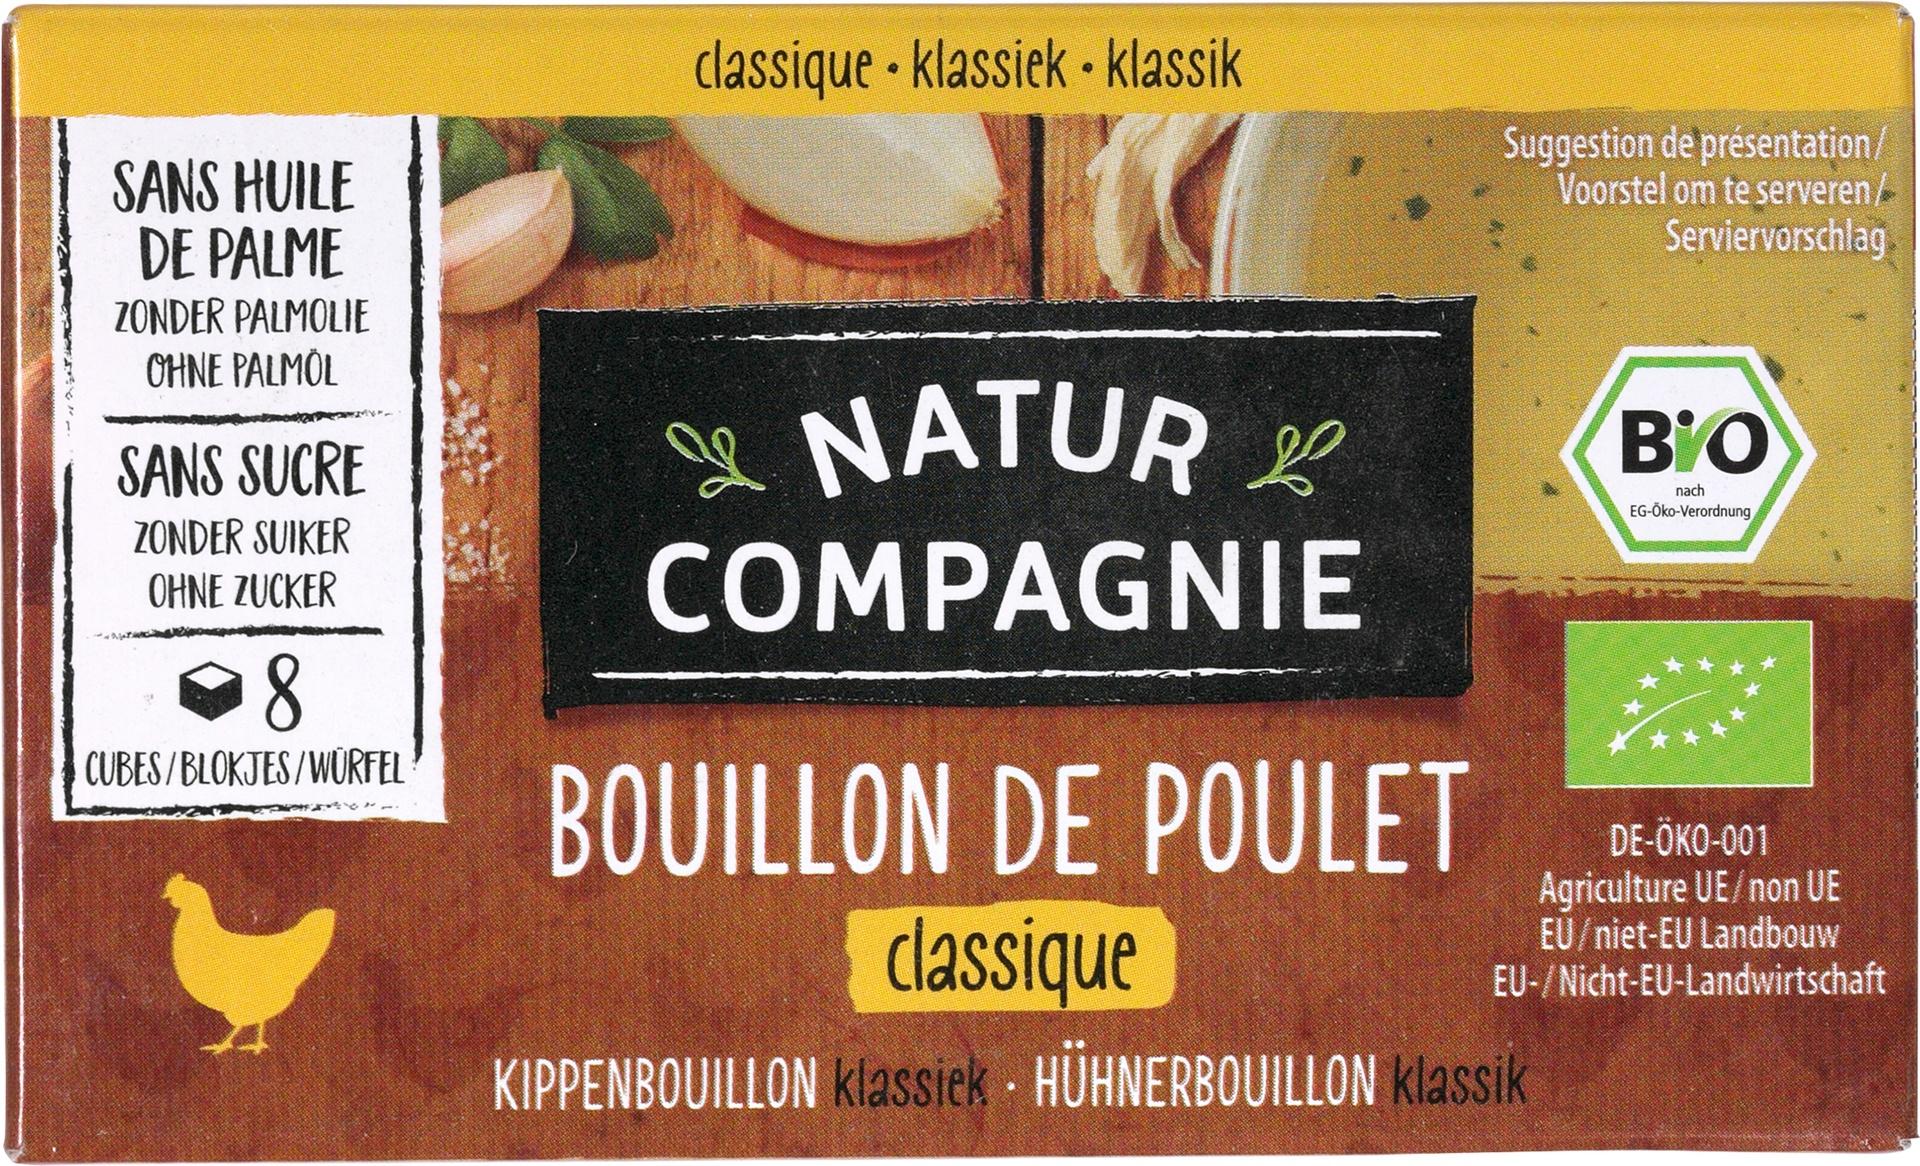 Biologische Natur Compagnie Kippenbouillonblokjes 8 st